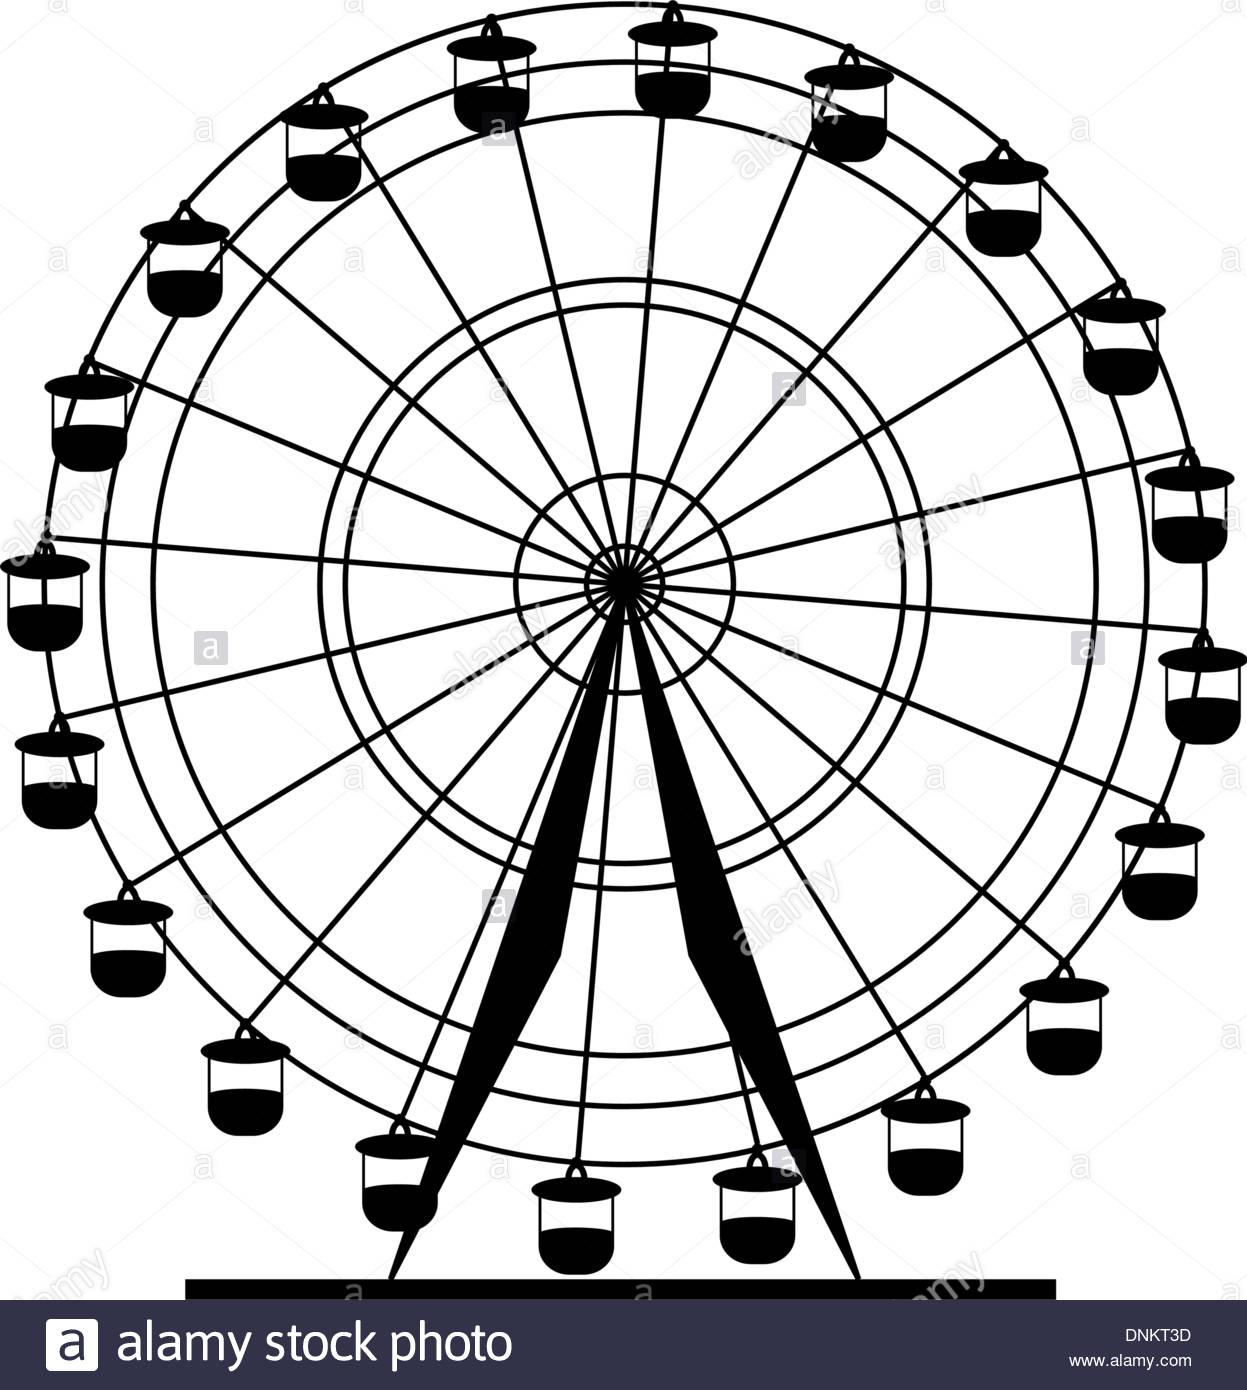 1247x1390 Vintage Ferris Wheel Drawing